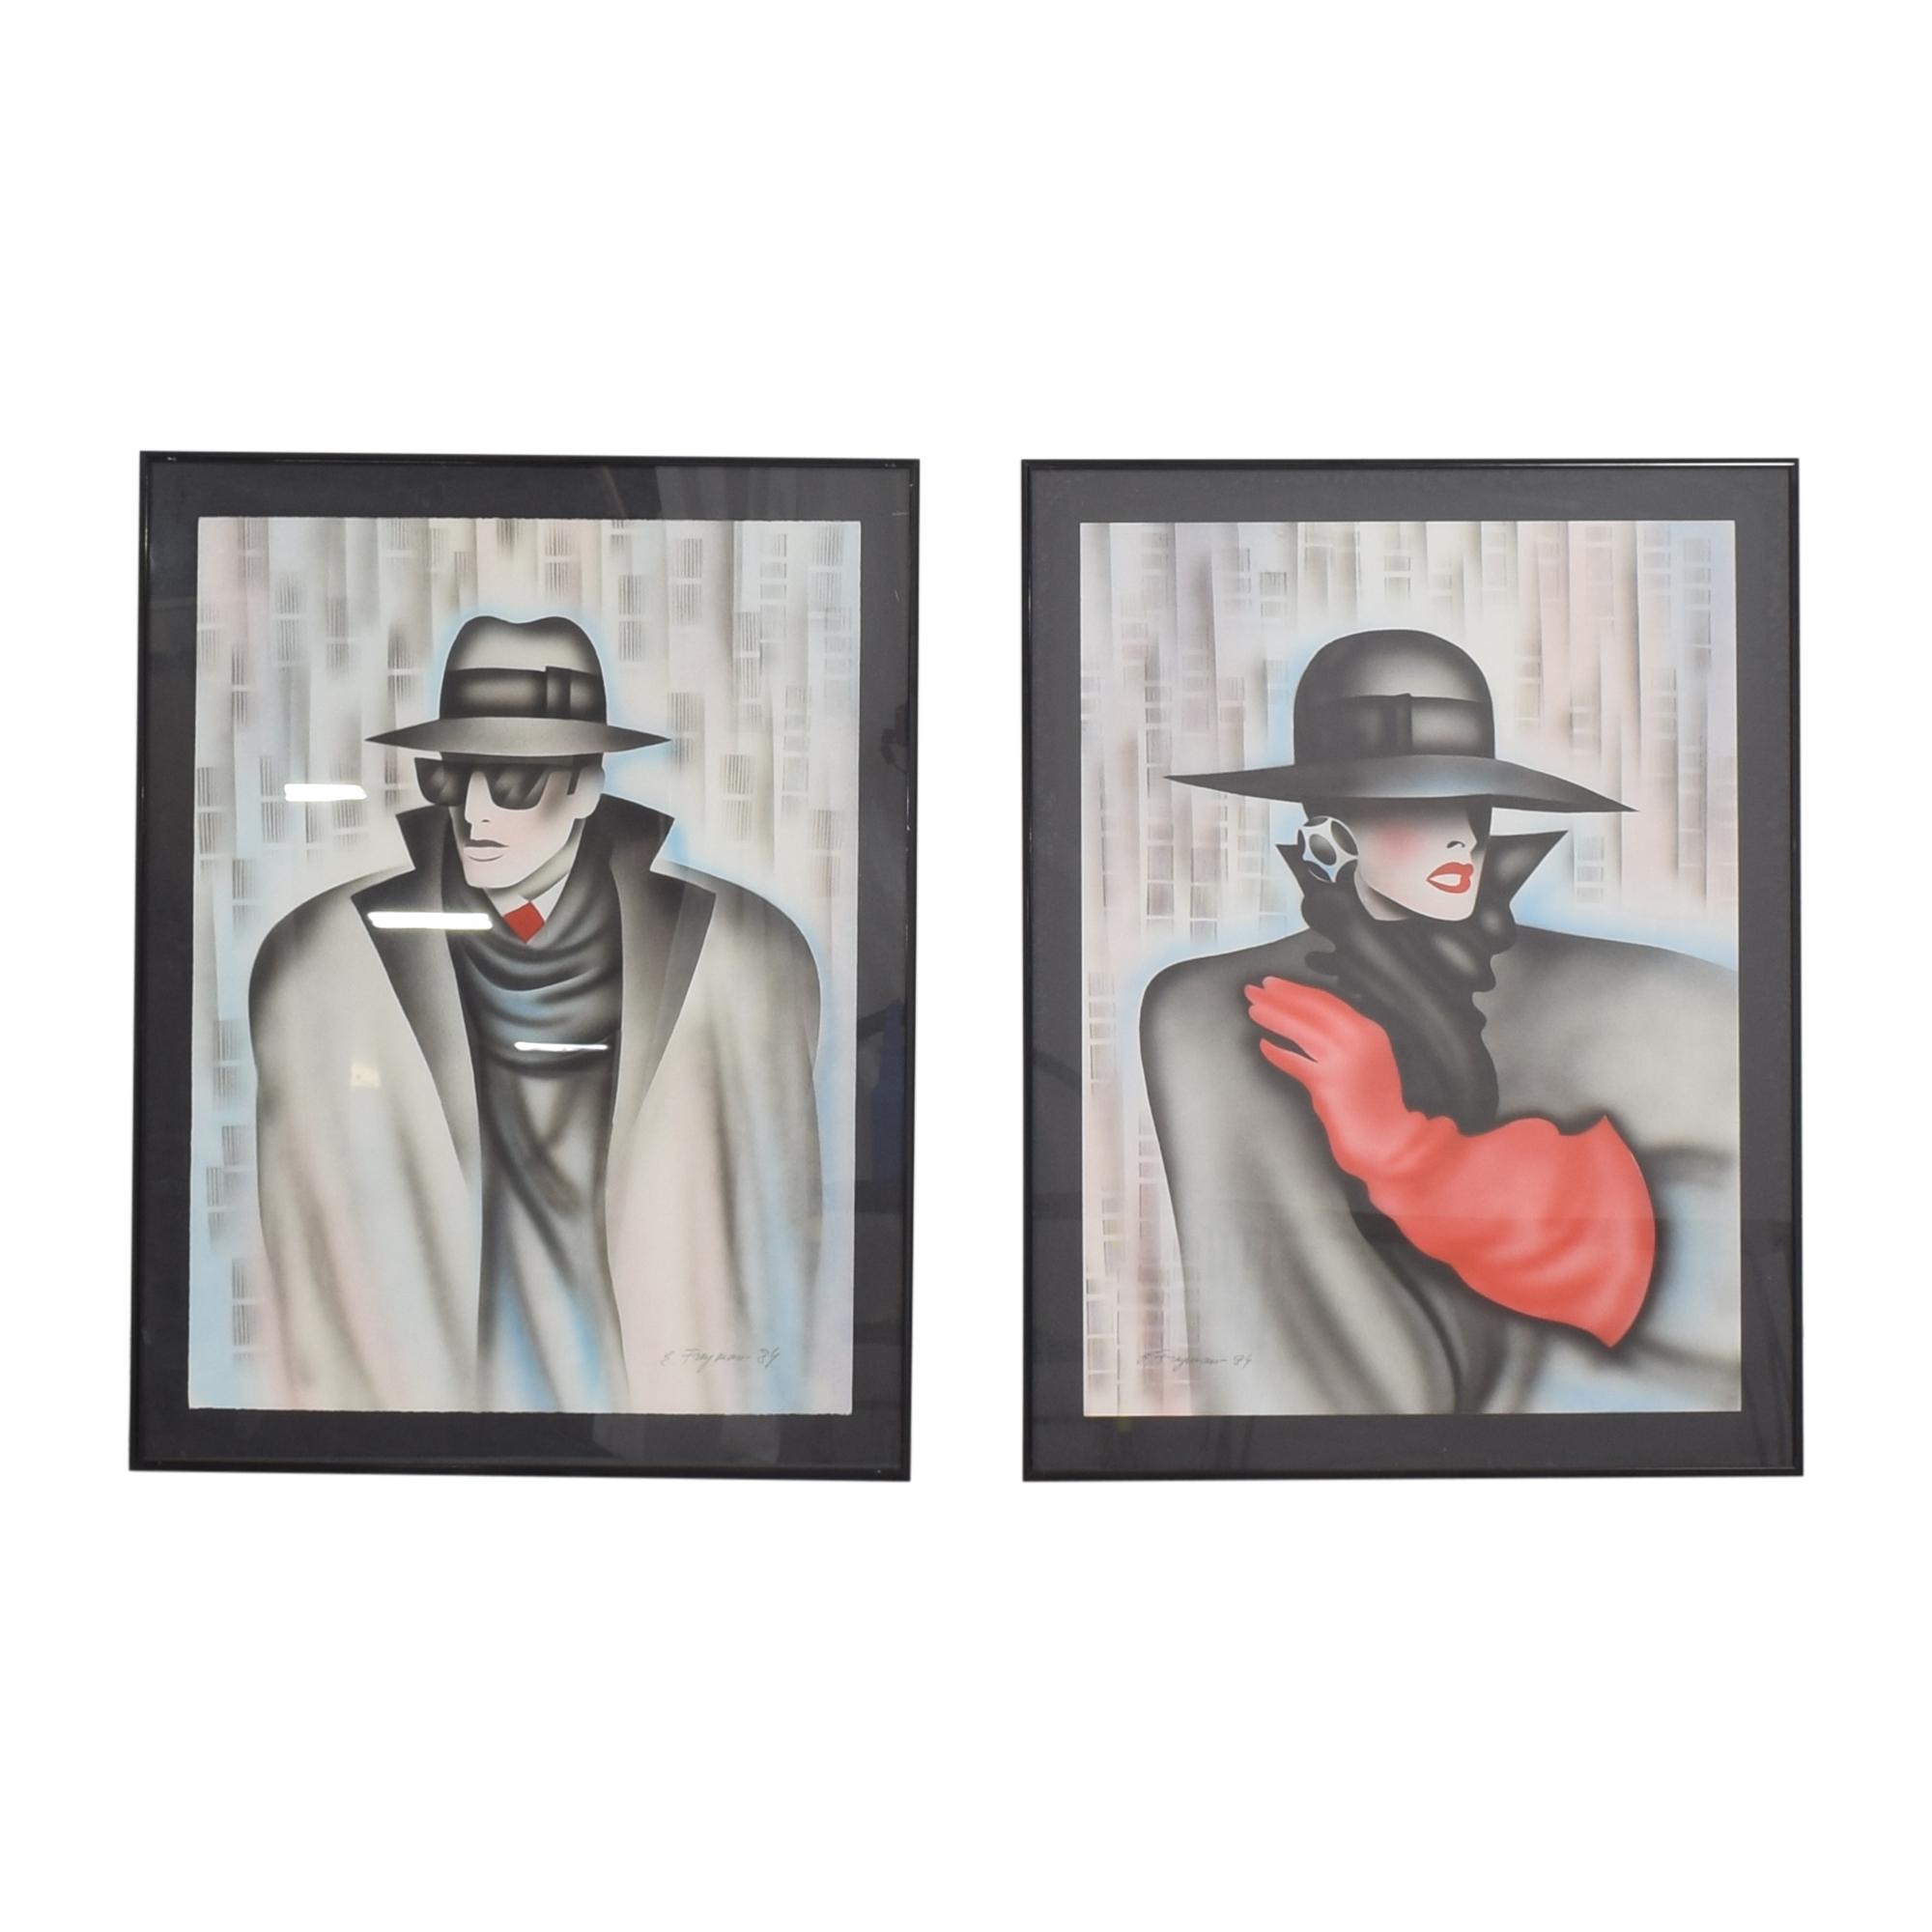 Framed Erik Freyman Wall Art used